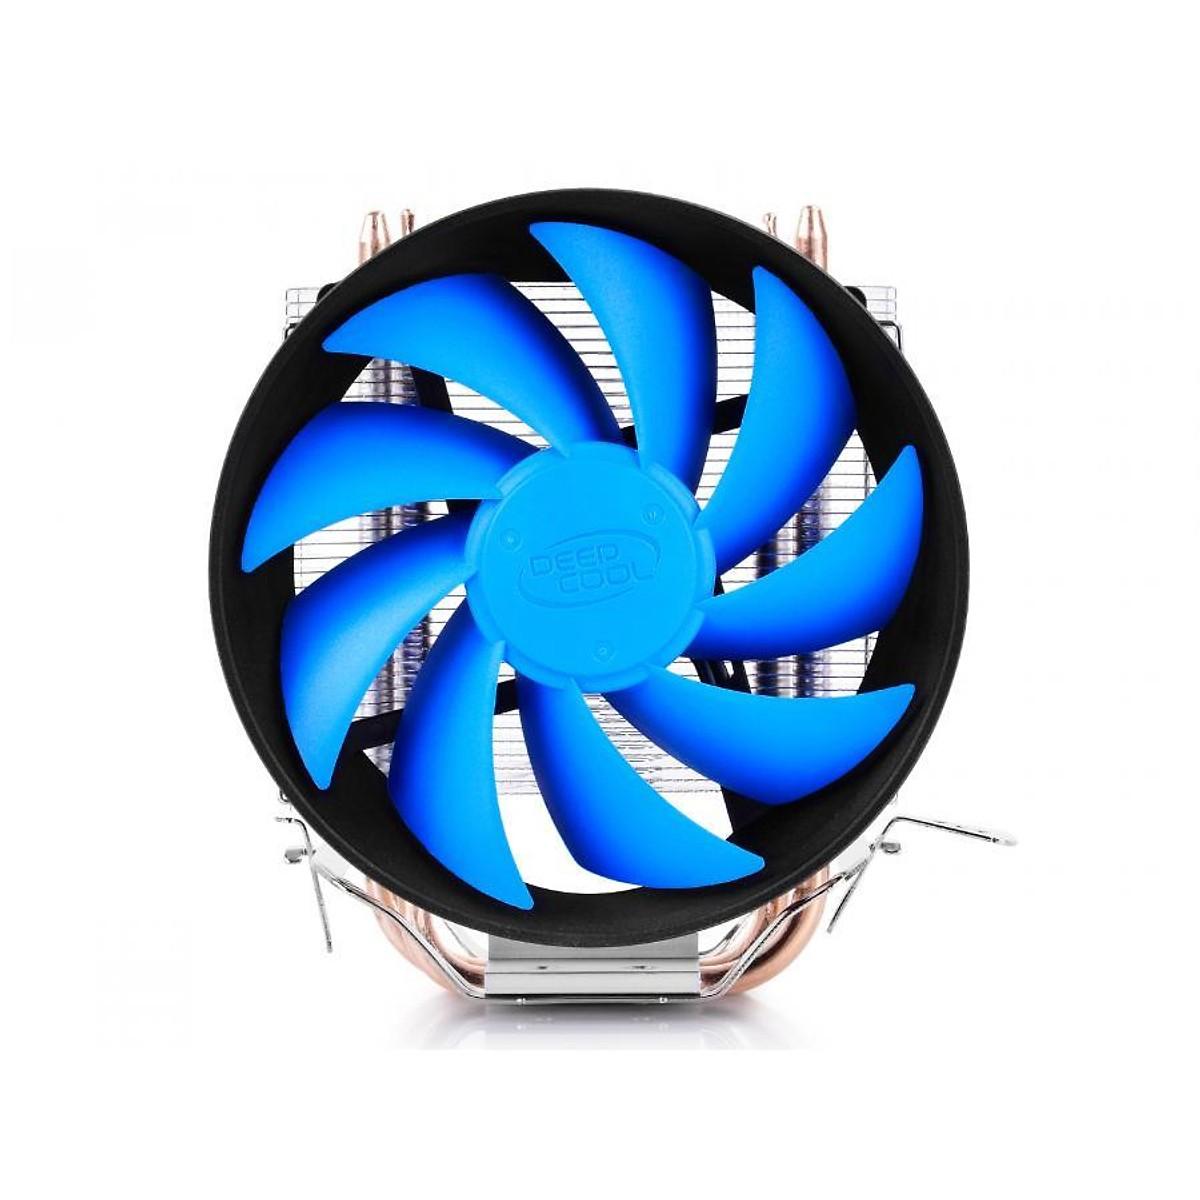 Bộ tản nhiệt cho CPU Deepcool Gammaxx 200T